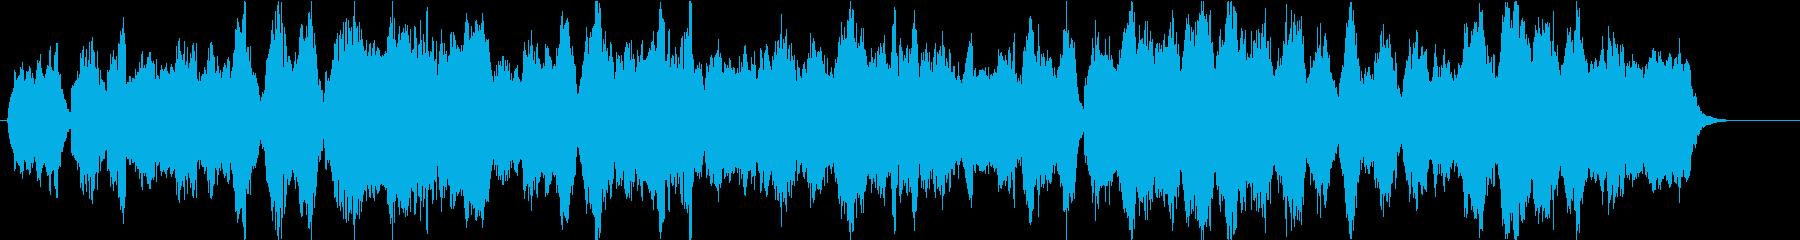 シネマティックな切ないオーケストラ楽曲の再生済みの波形